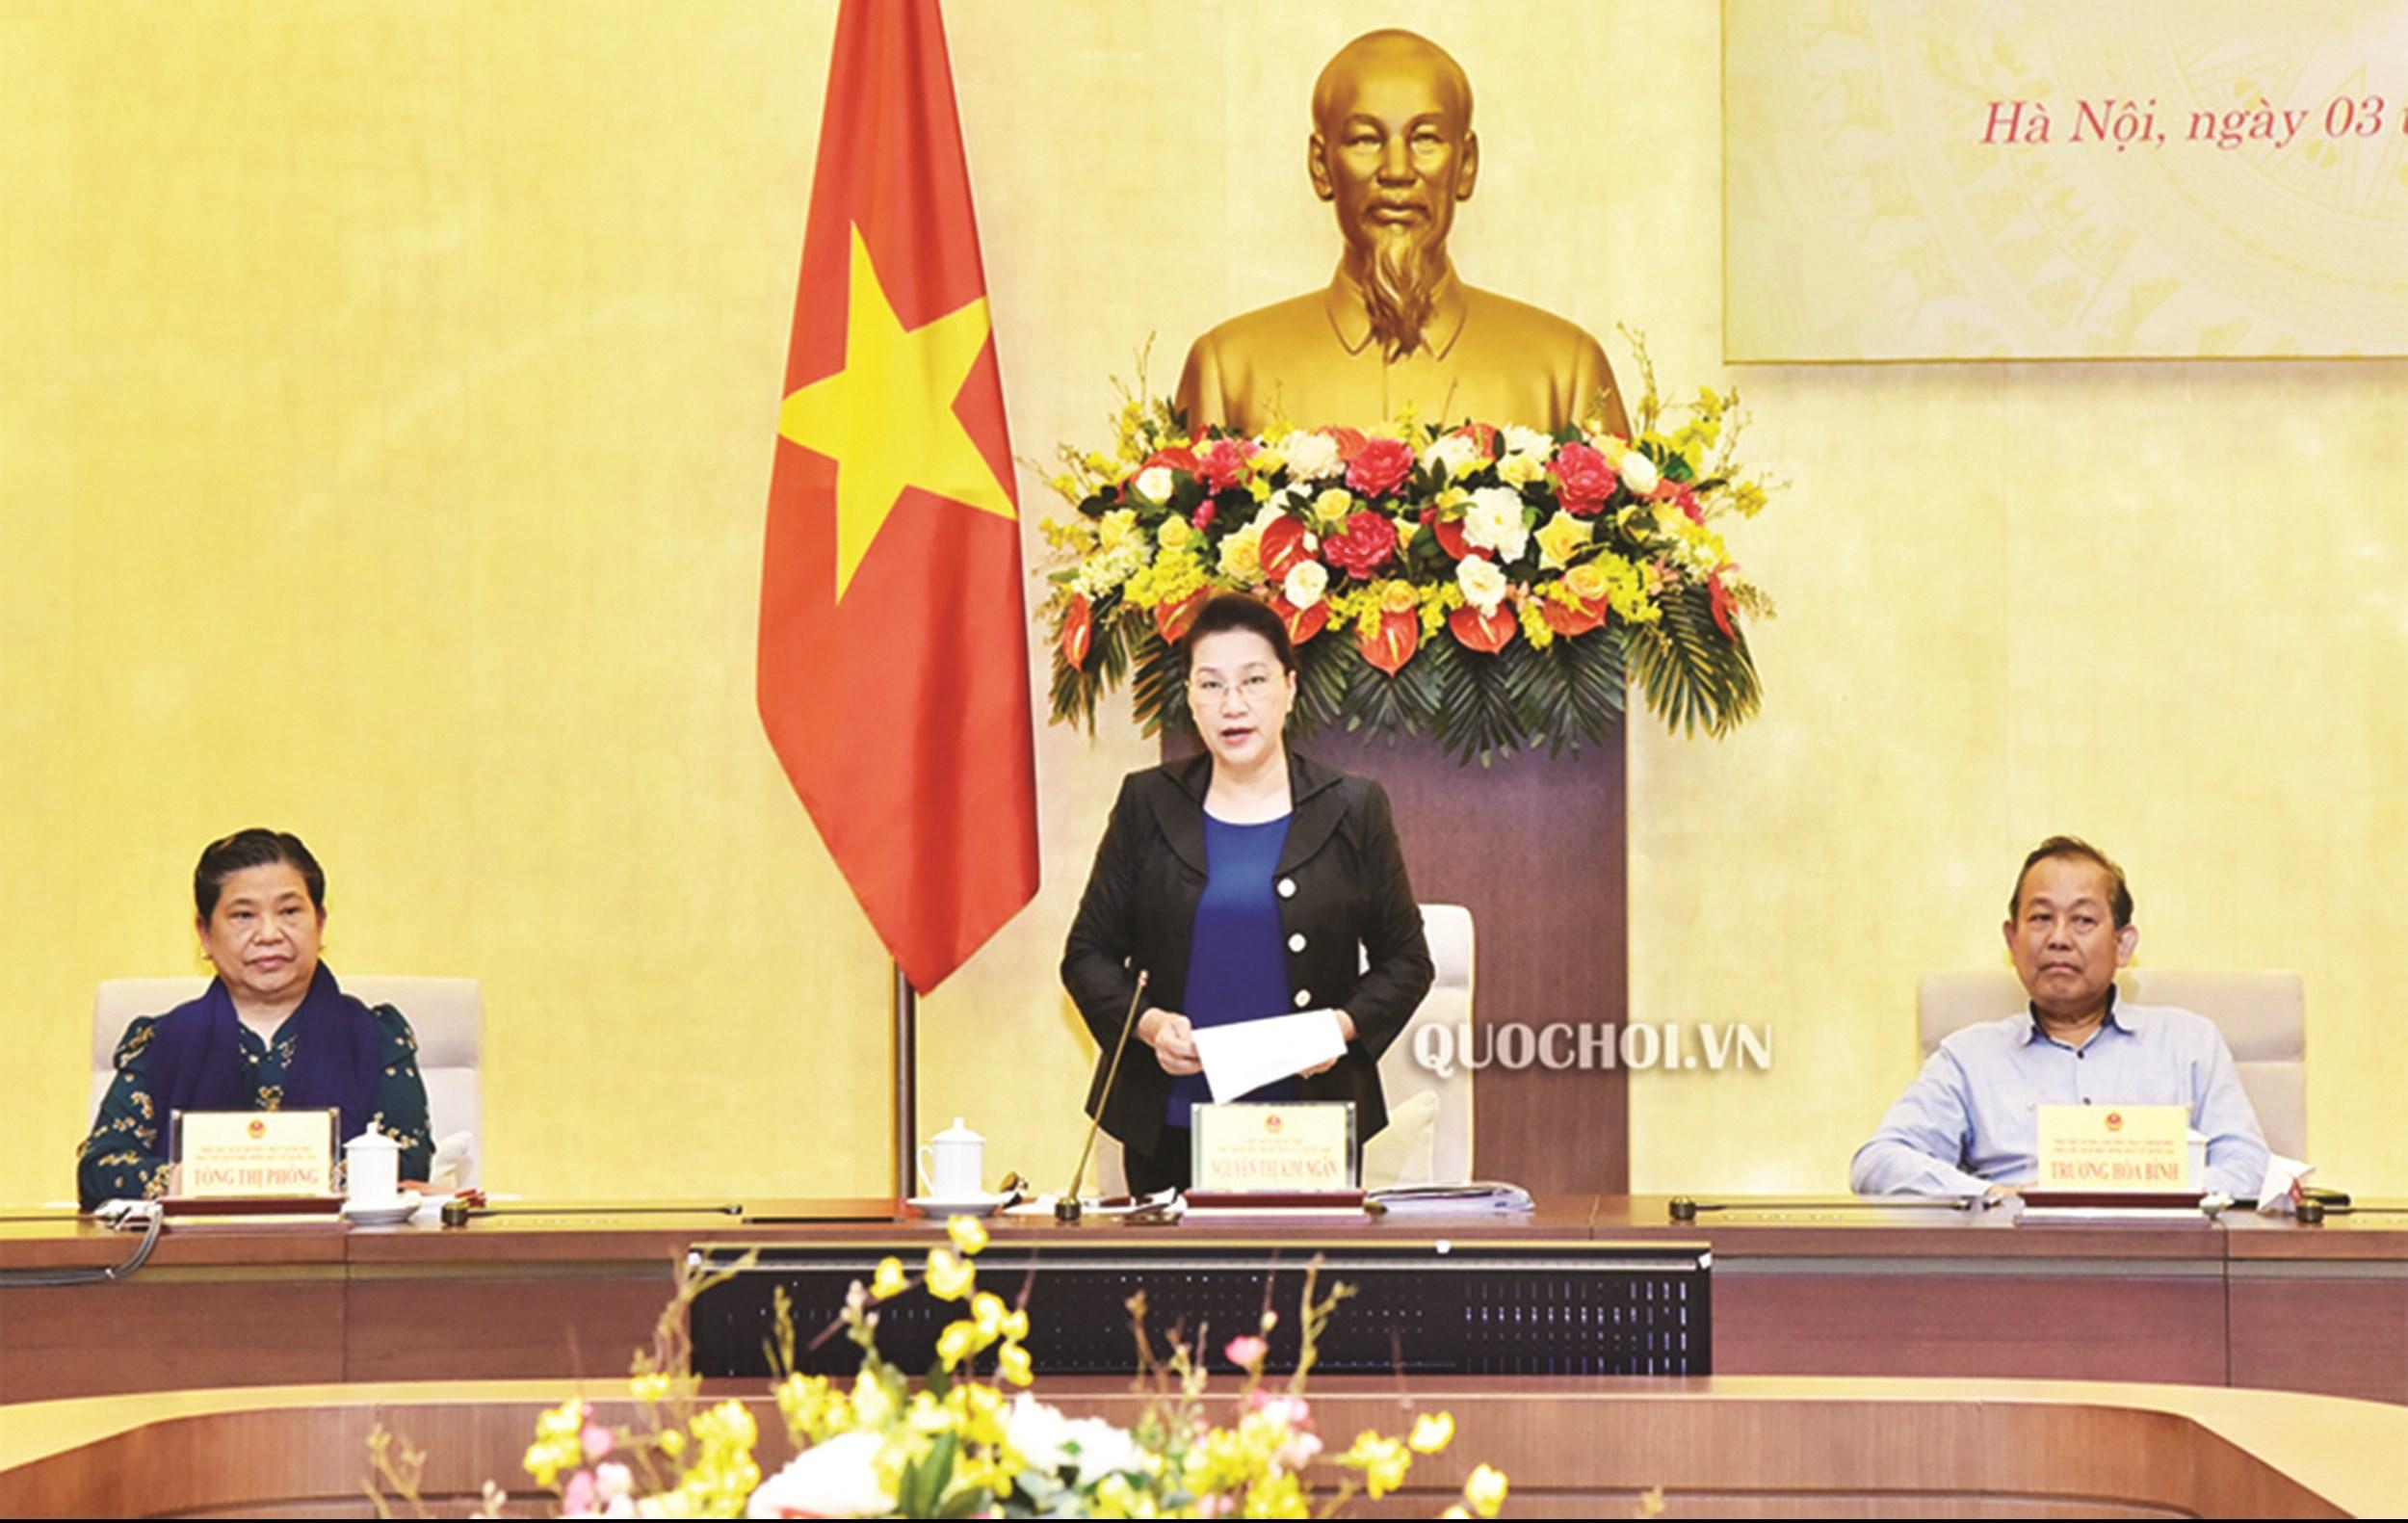 Ủy viên Bộ Chính trị, Chủ tịch Quốc hội Nguyễn Thị Kim Ngân, Chủ tịch Hội đồng Bầu cử quốc gia phát biểu tại Phiên họp.